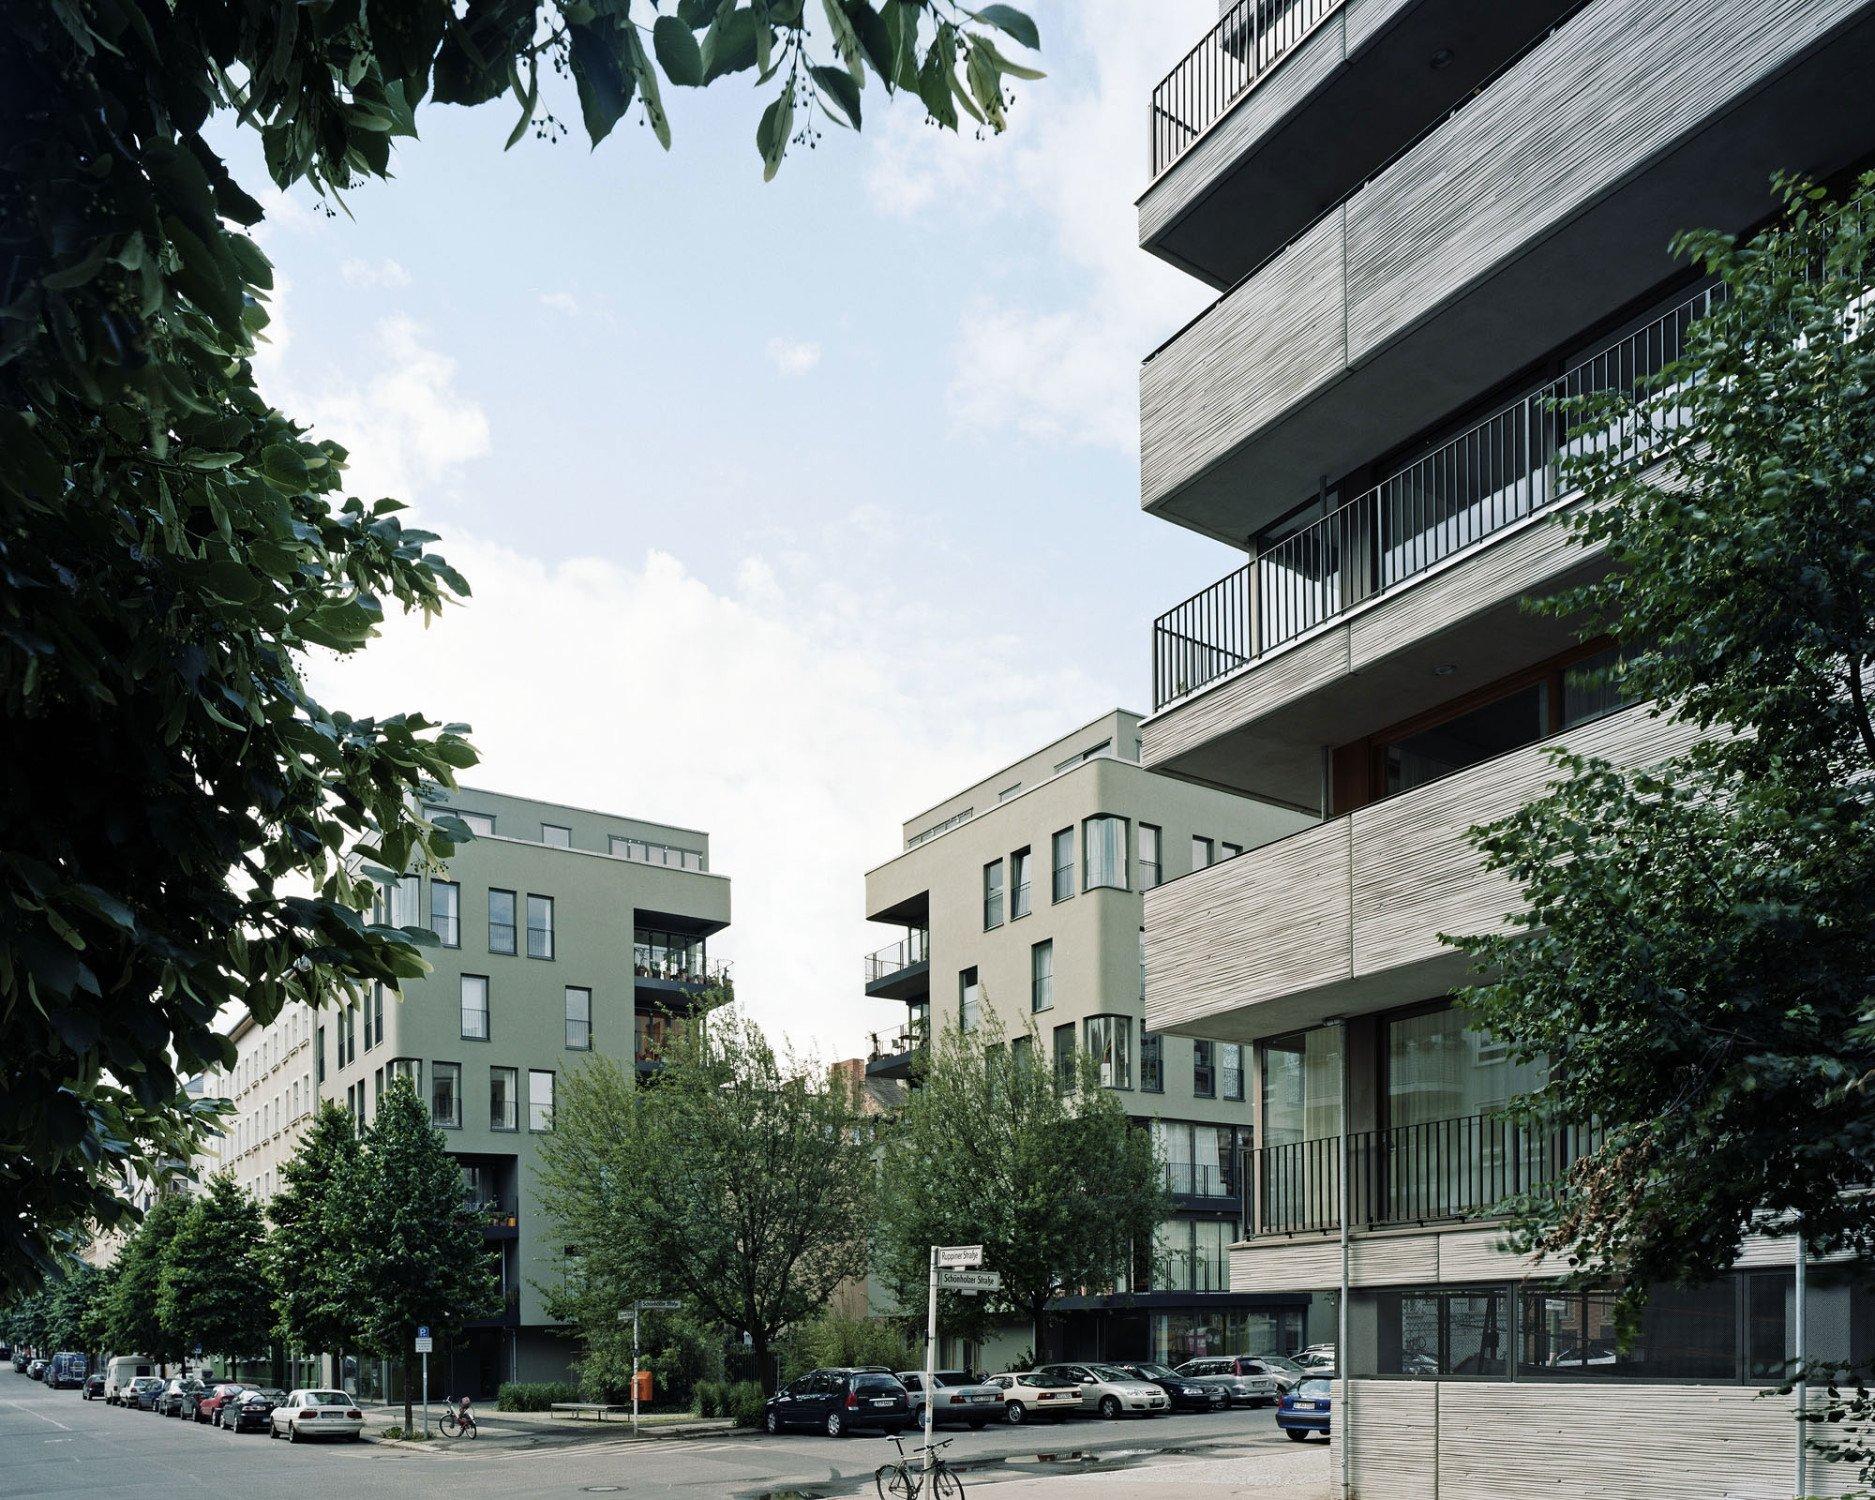 Mehrfamilienhaus in berlin beton wohnen mfh baunetz for Mehrfamilienhaus berlin